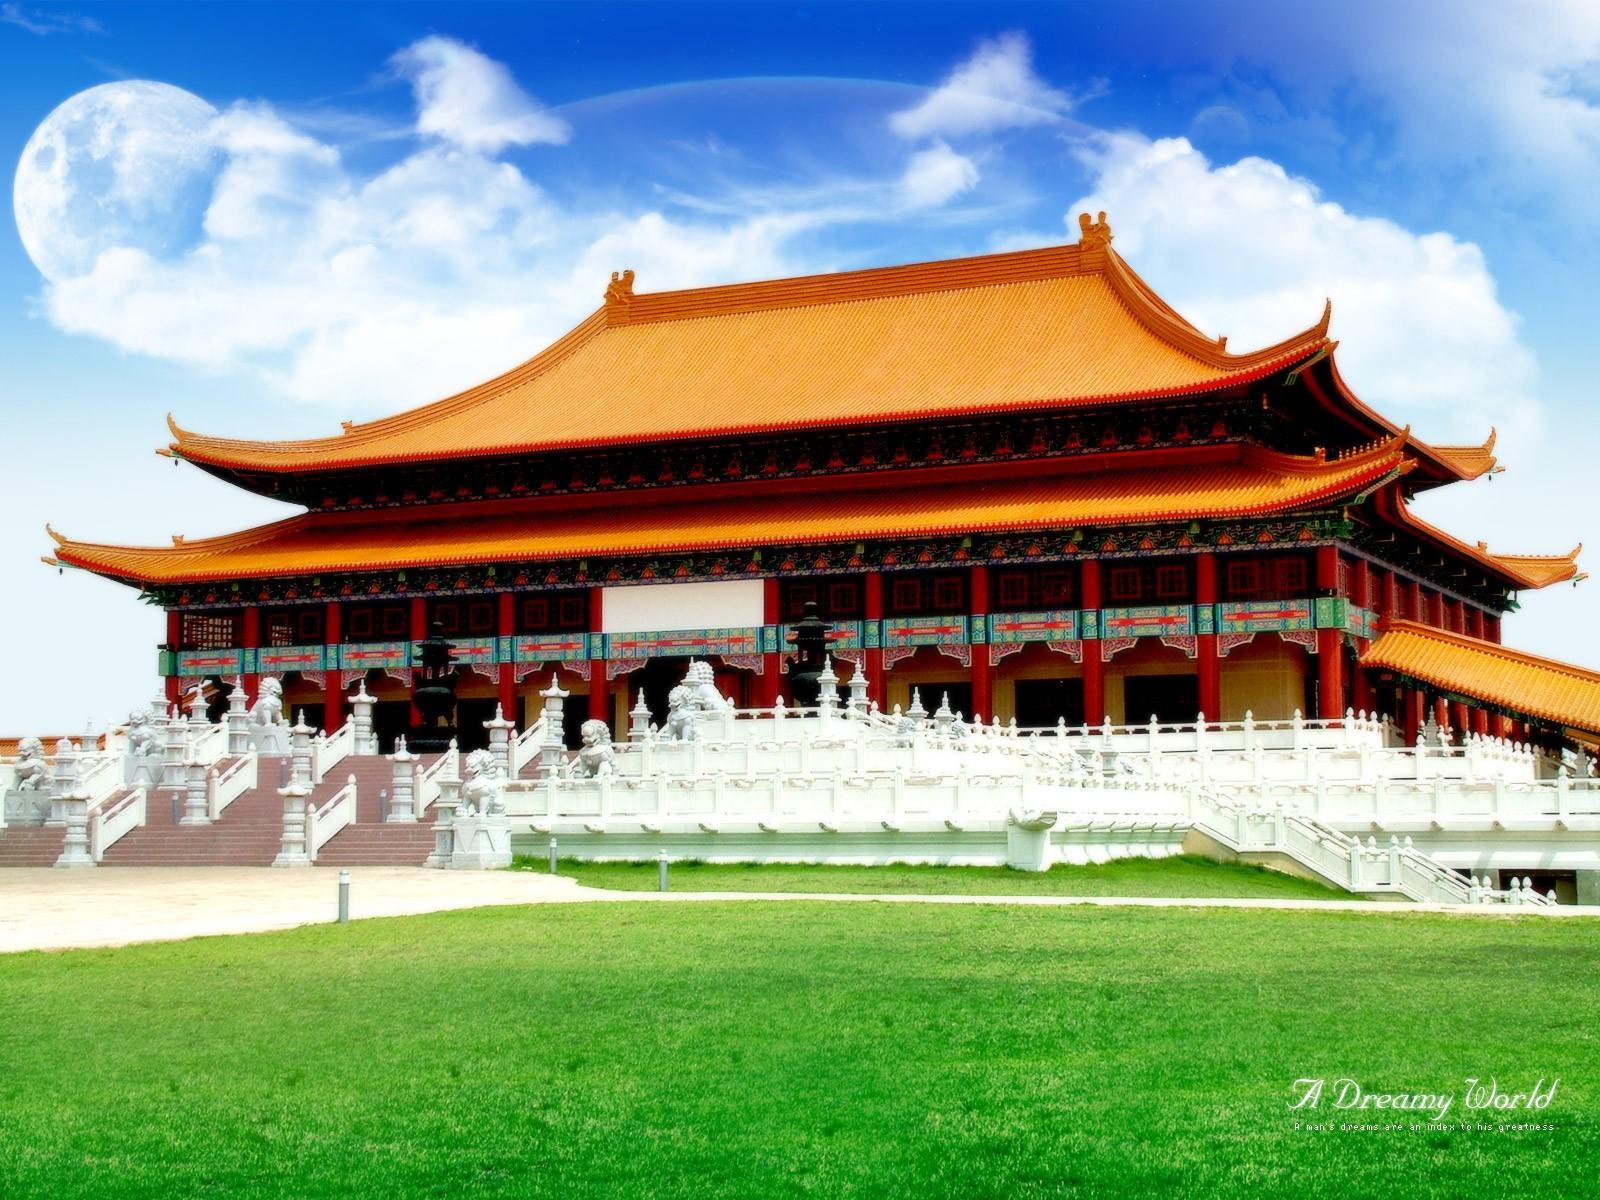 デスクトップ壁紙 寺院 アジアの建築 建物 北京 神社 構造